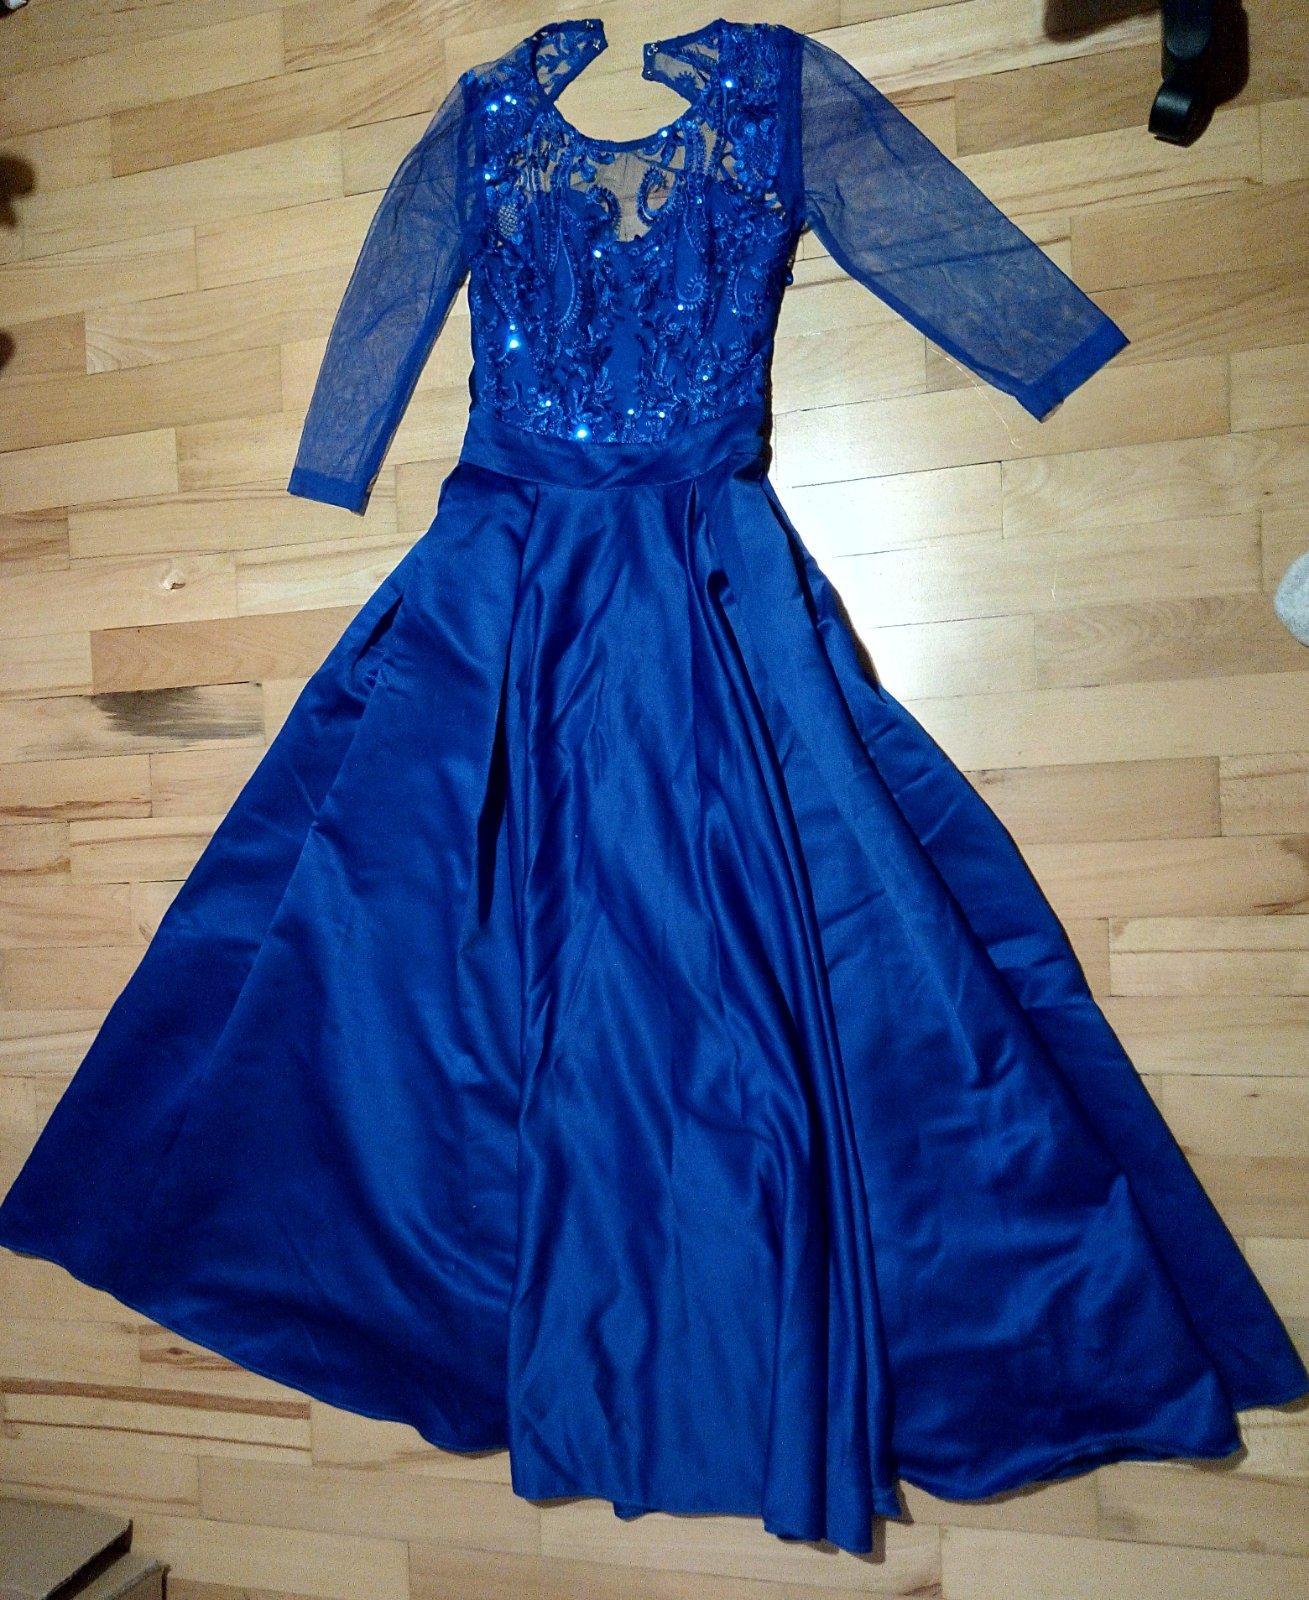 Kráľovsky modré šaty XS - Obrázok č. 3